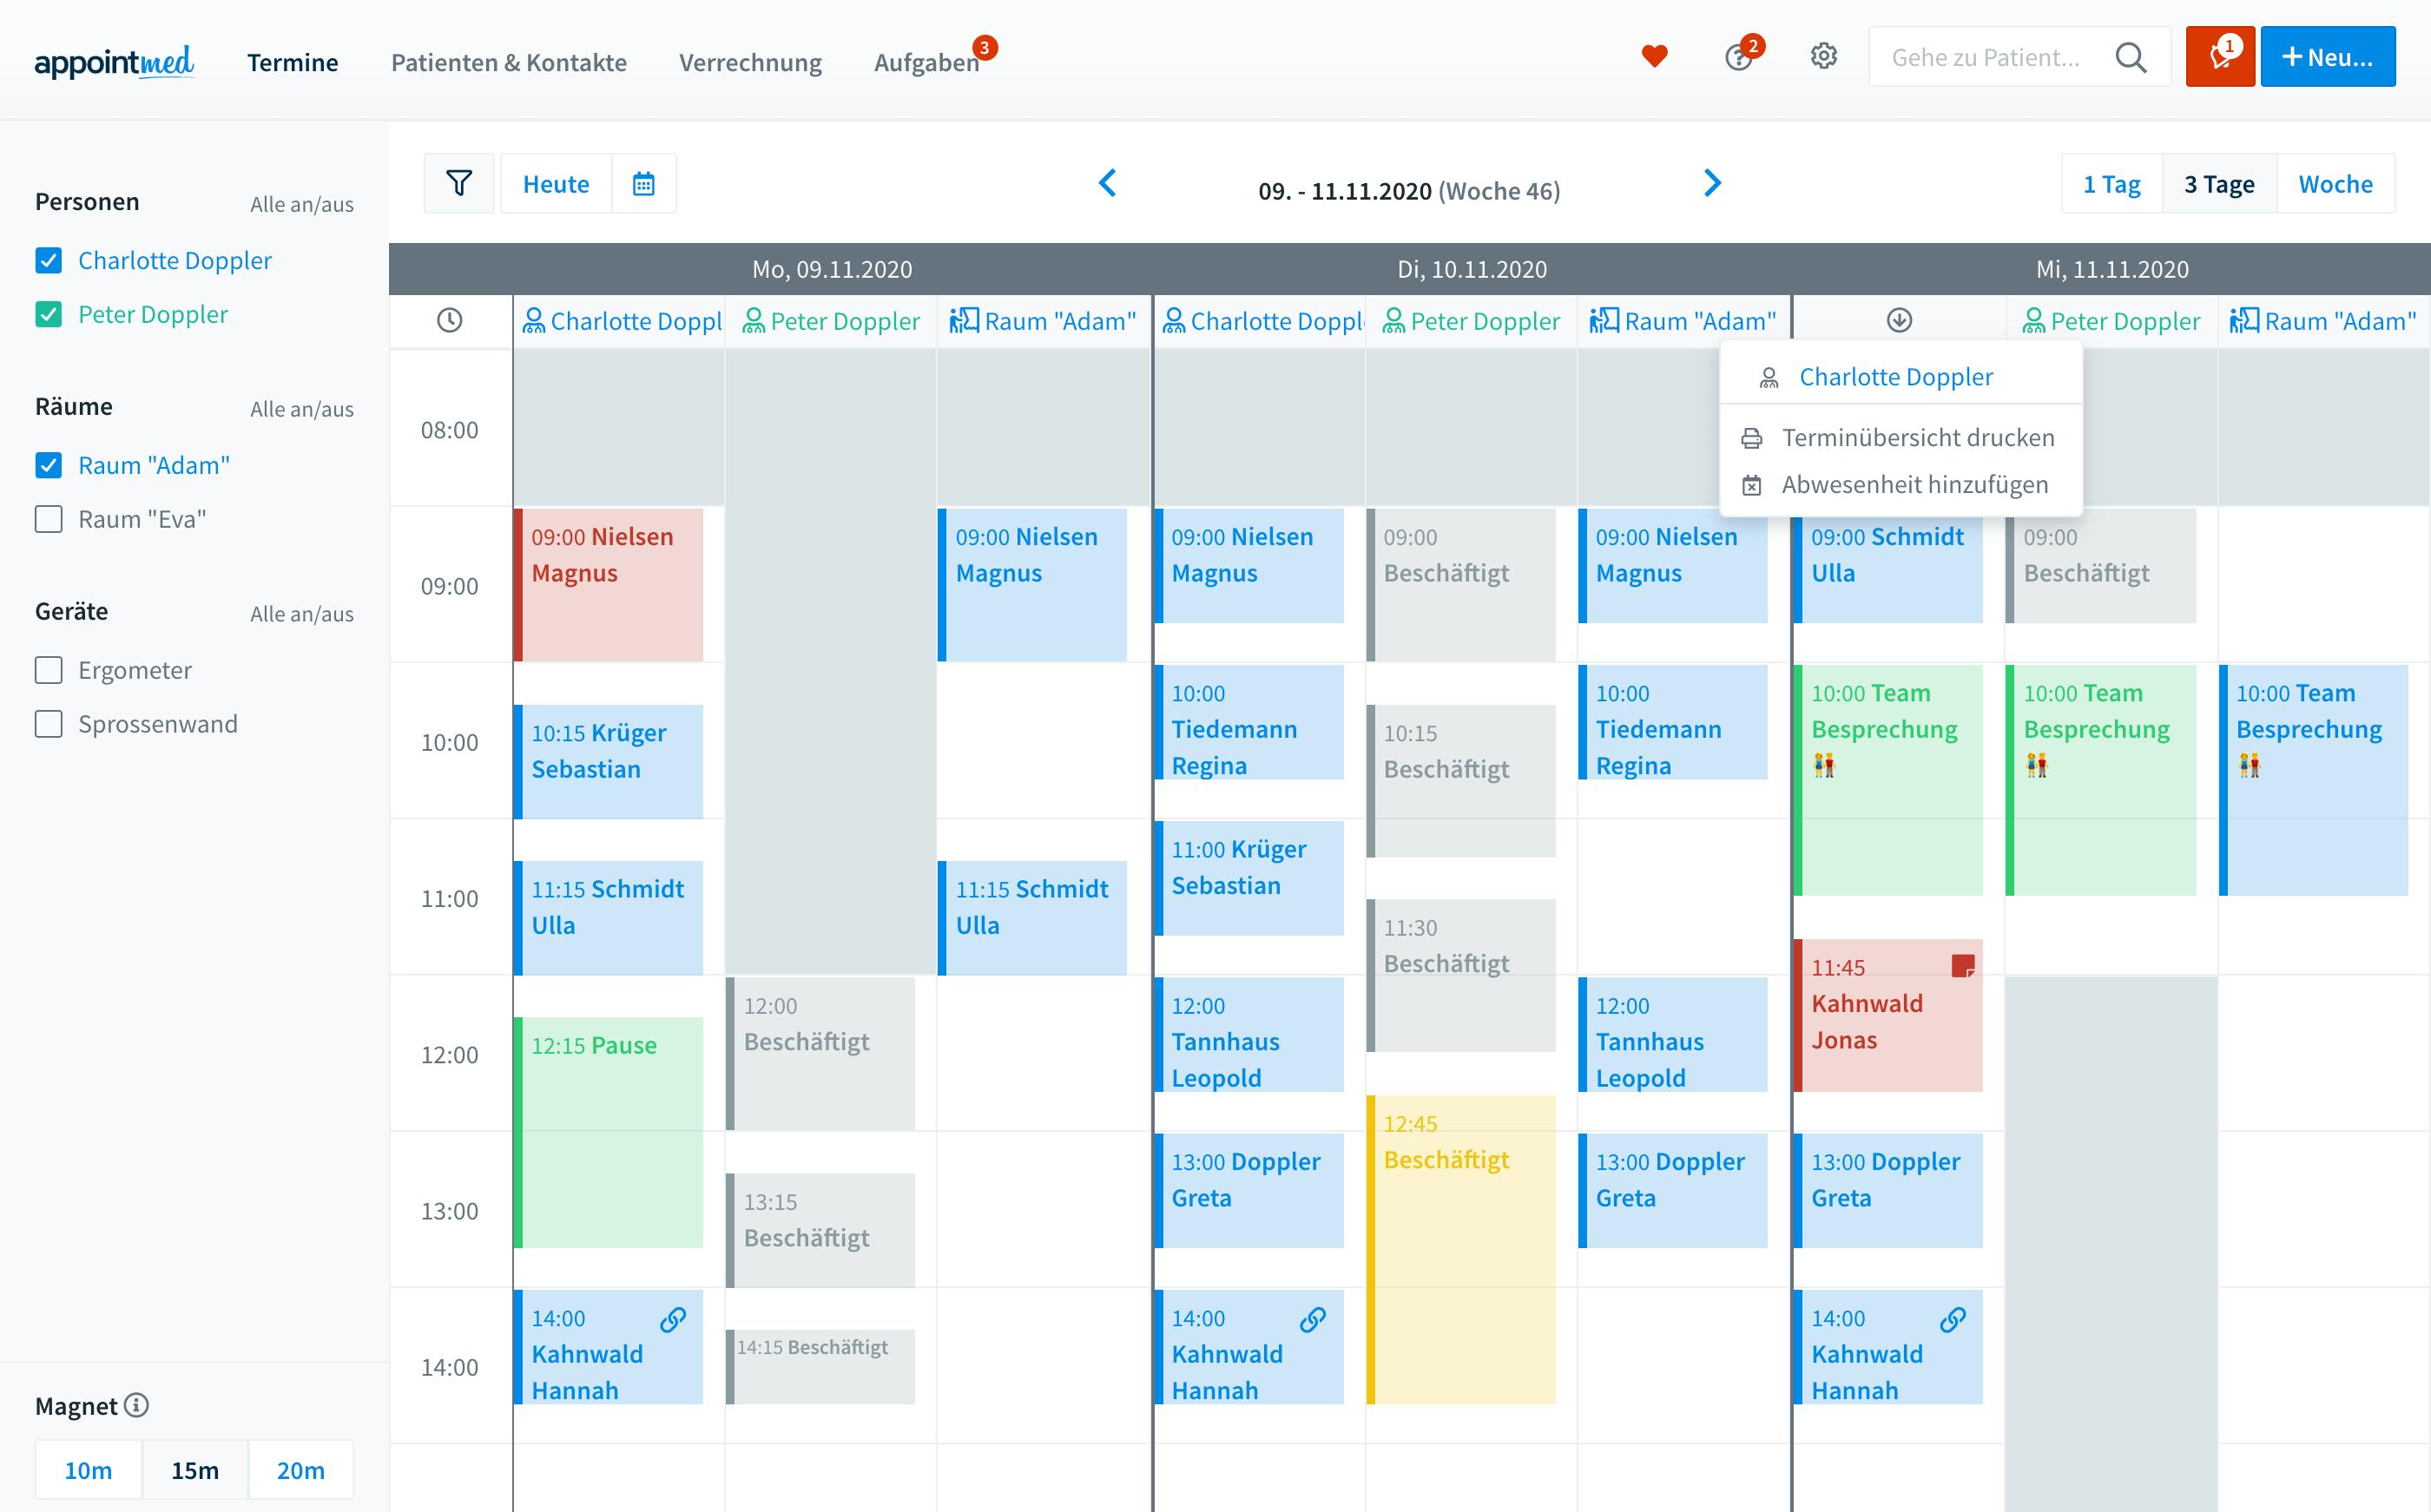 Der Appointmed-Kalender - Übersichtlich und flexibel